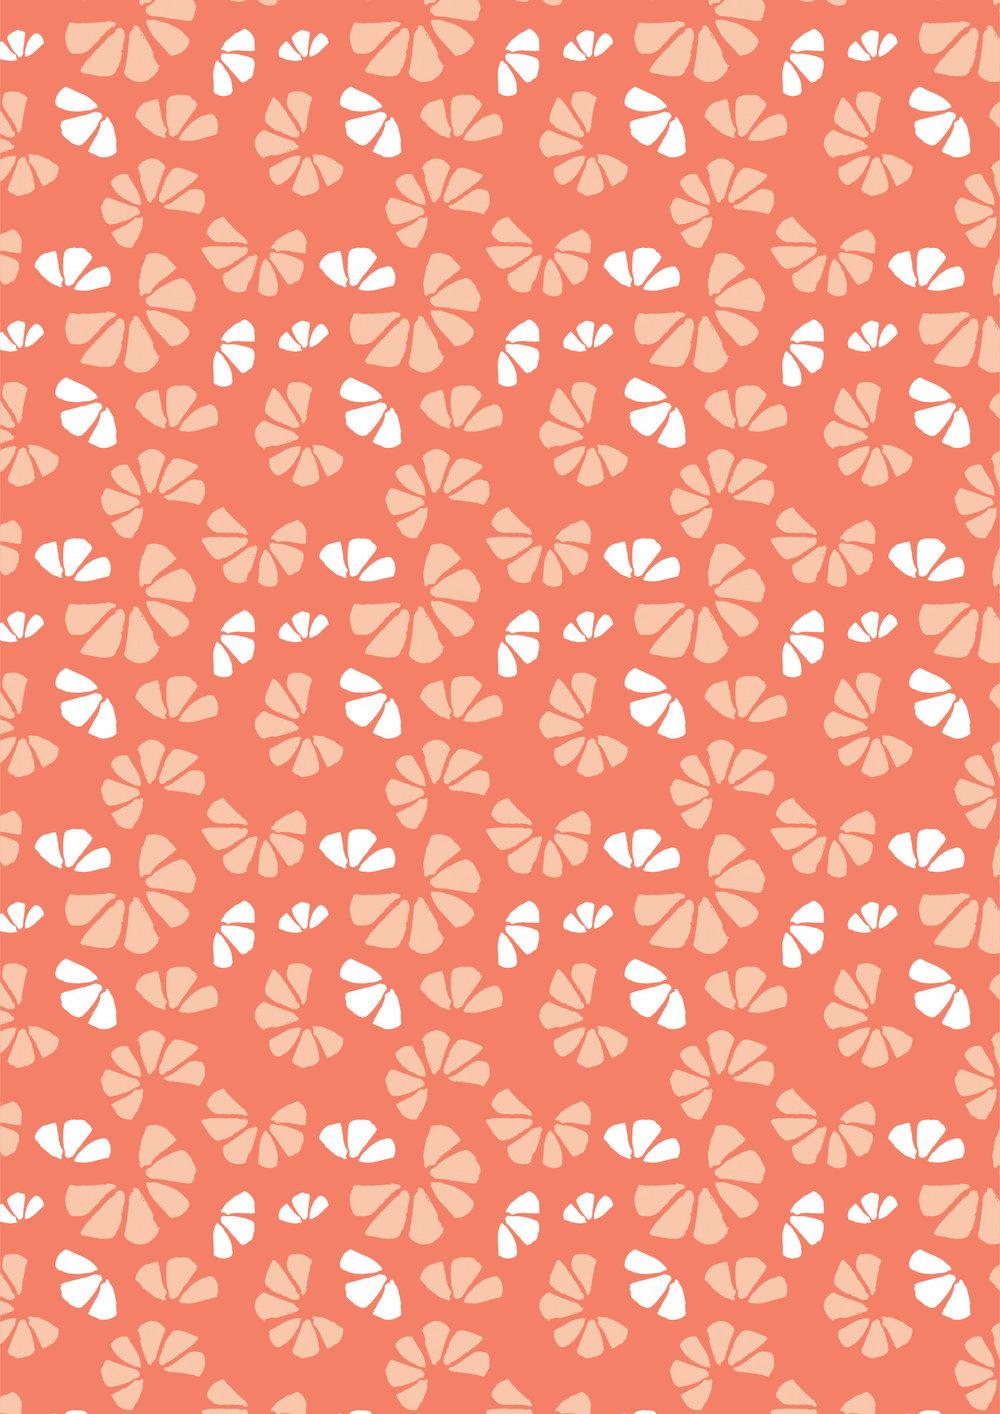 Lingerie Patterns-03.jpg